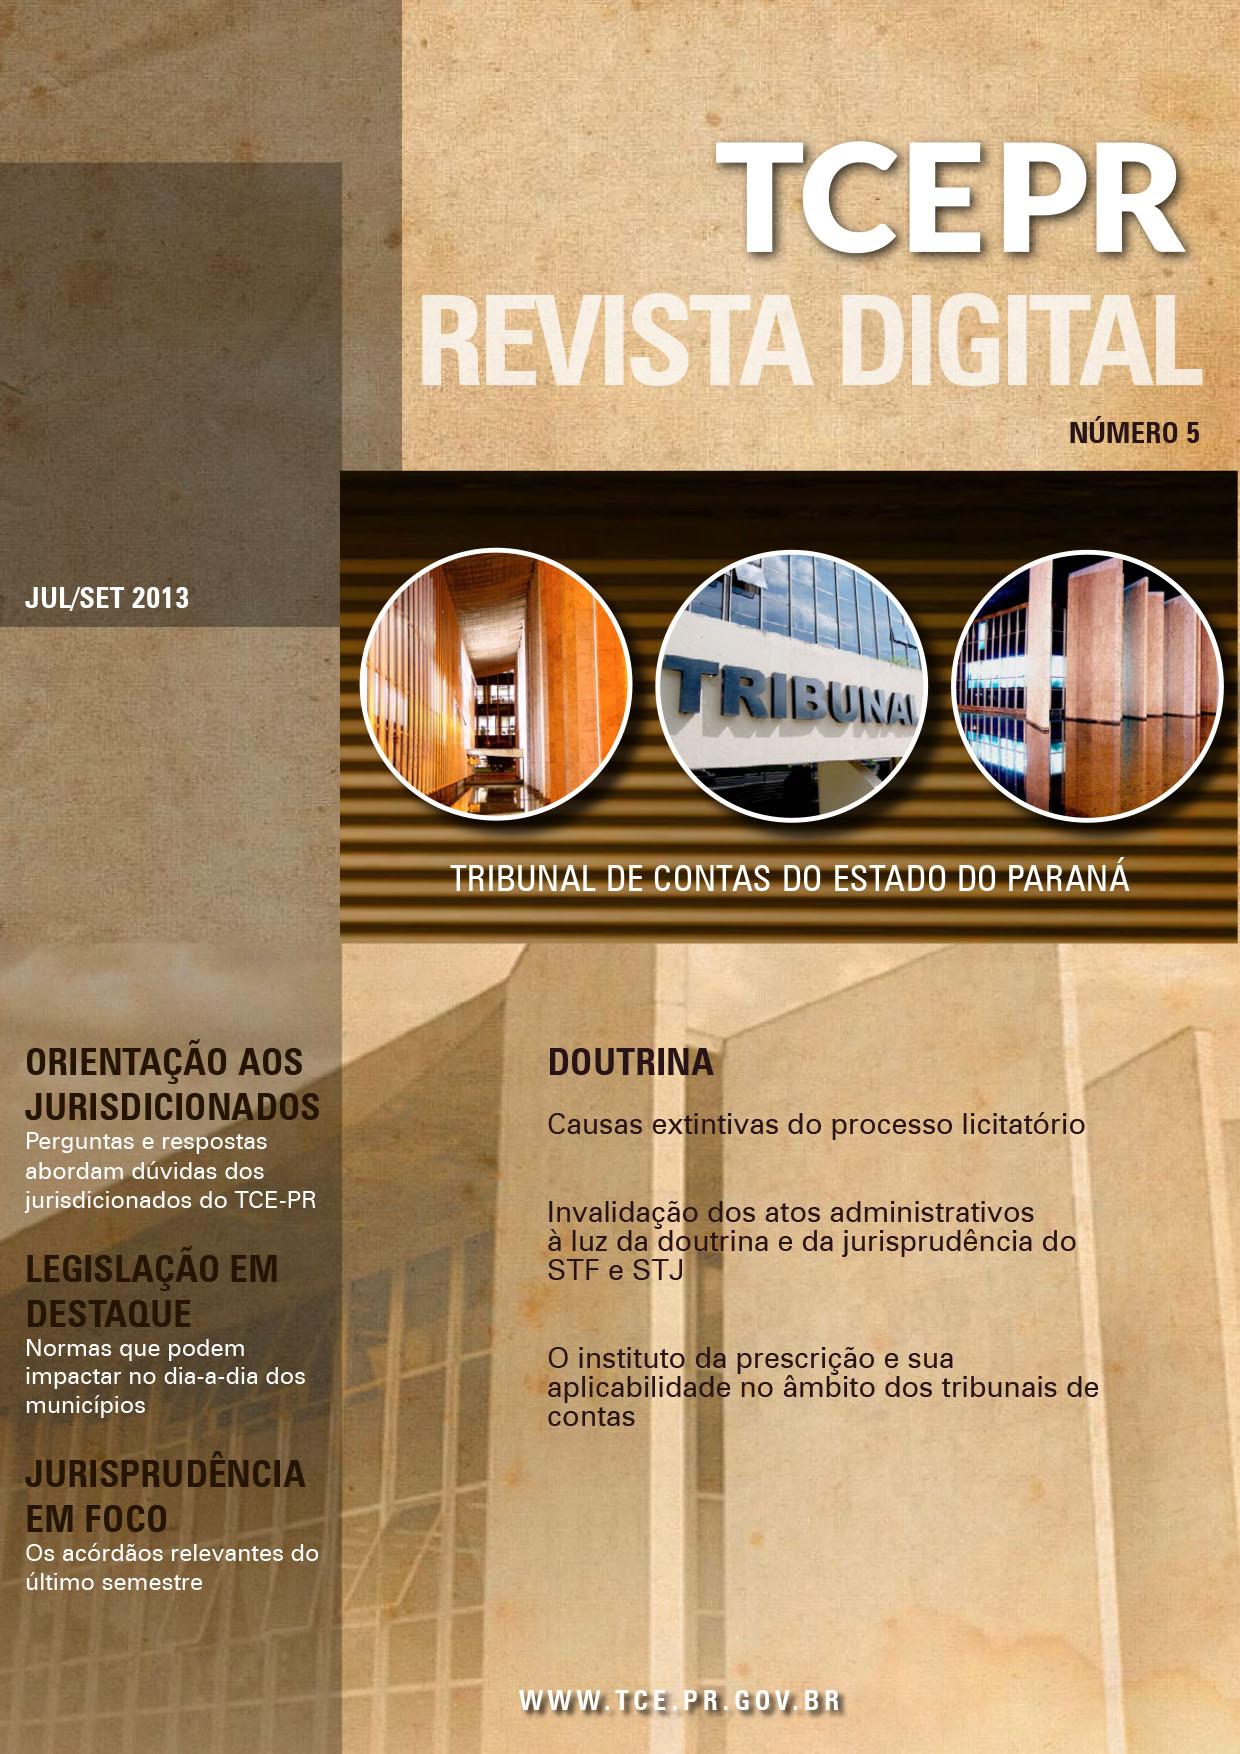 Revista Digital do TCEPR - número 5